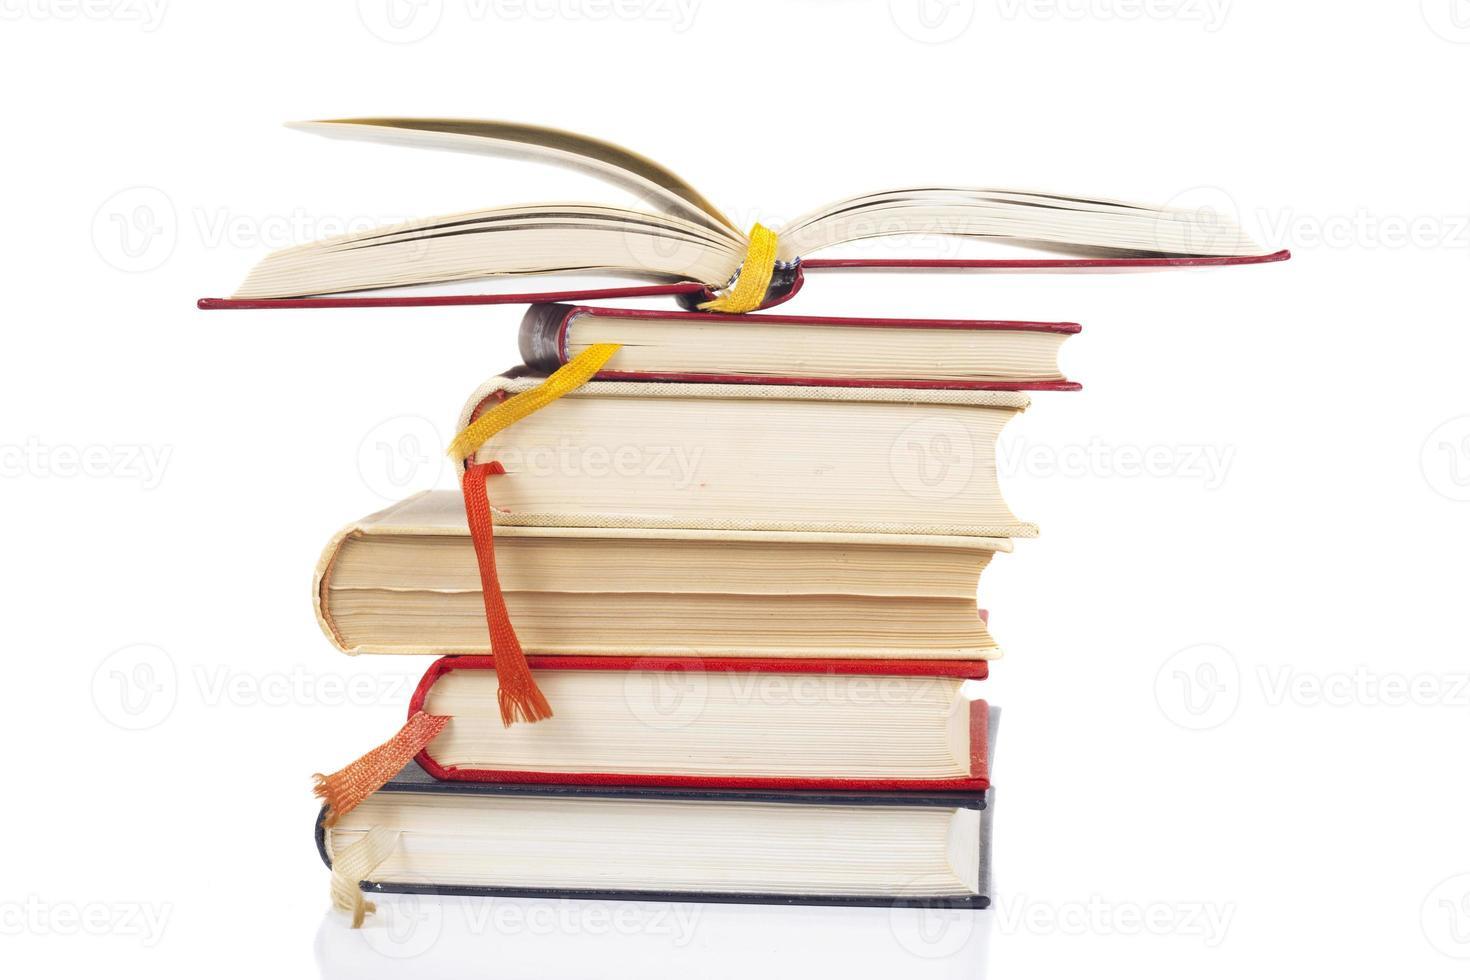 Buch stapeln und öffnen foto